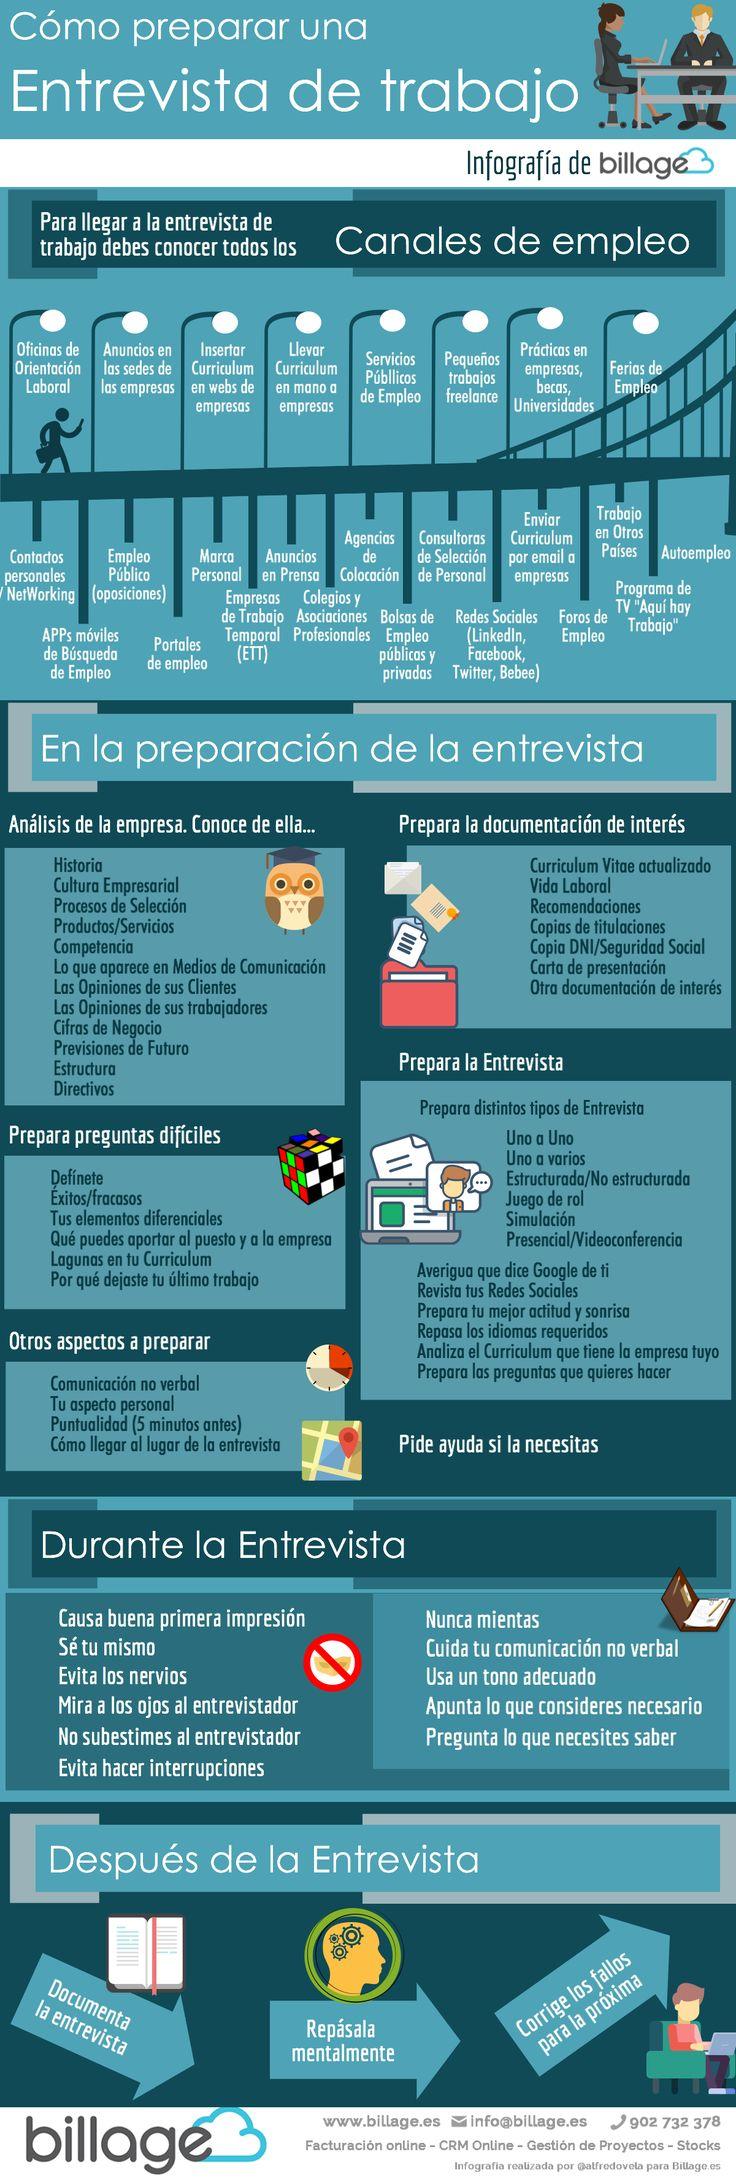 Cómo preparar una Entrevista de Trabajo #infografia